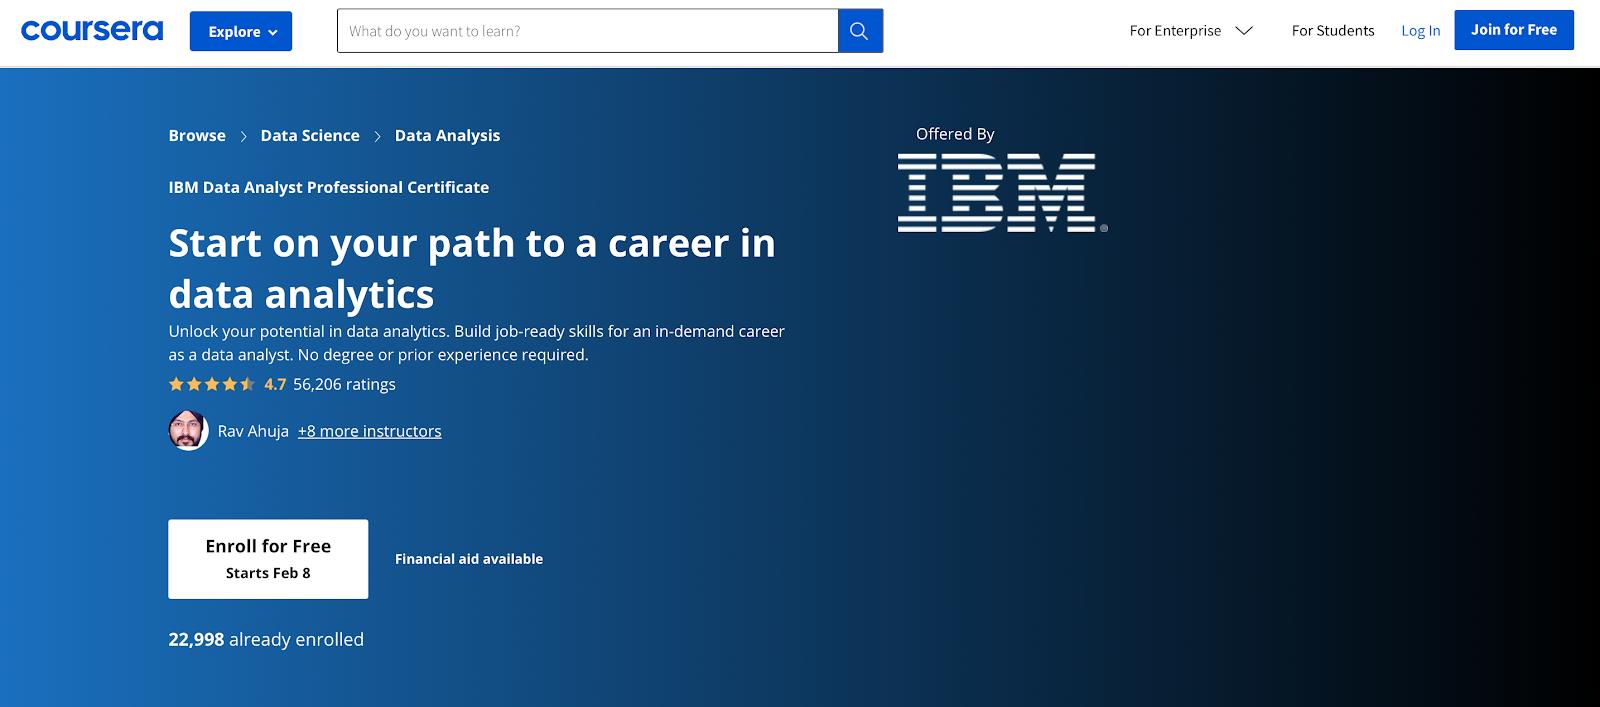 IBM courses in data analytics